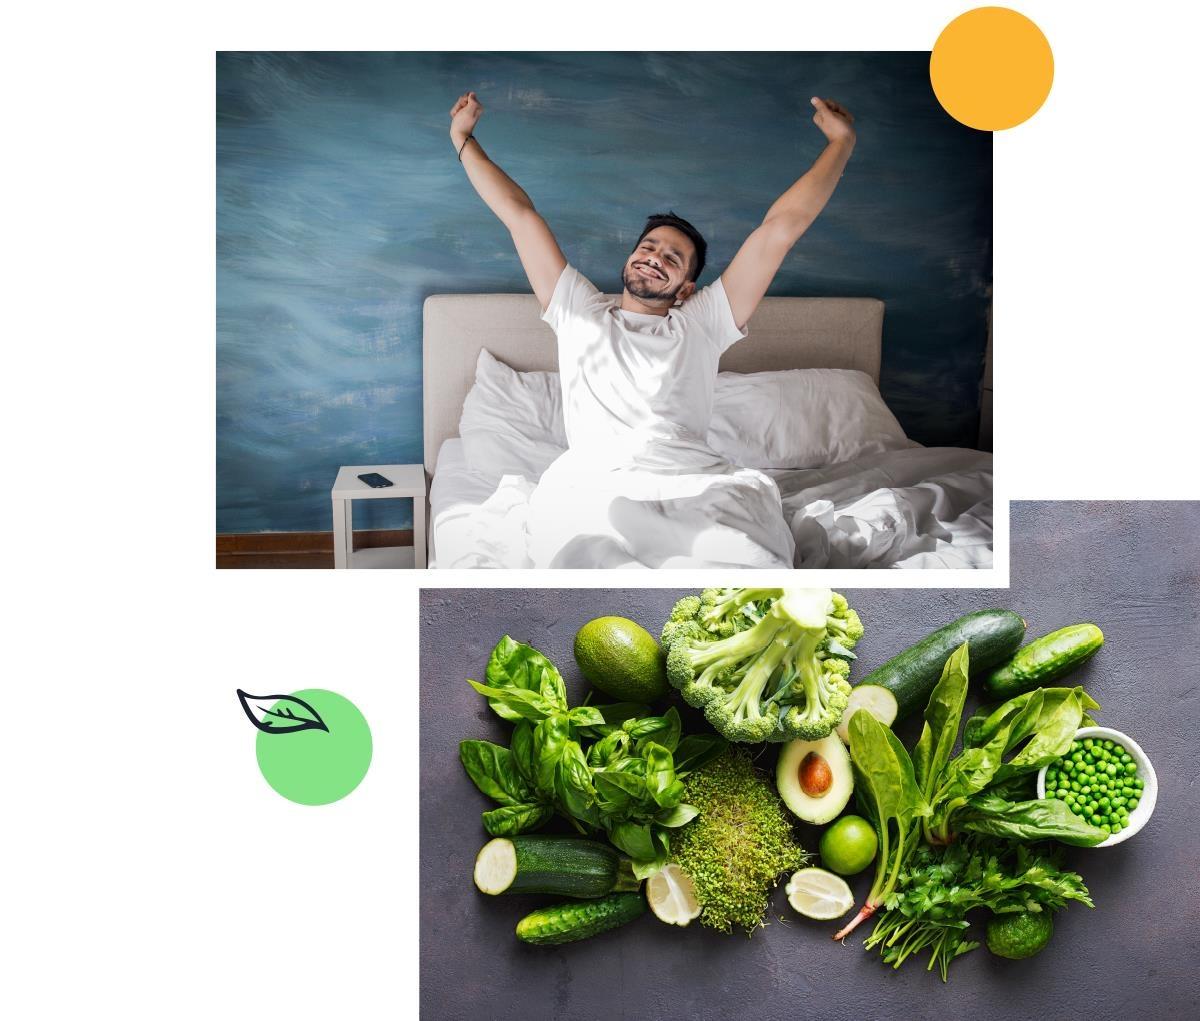 Vitamin va khoang chat: Tu lam tuong den tac dung dieu ky toi suc khoe hinh anh 7